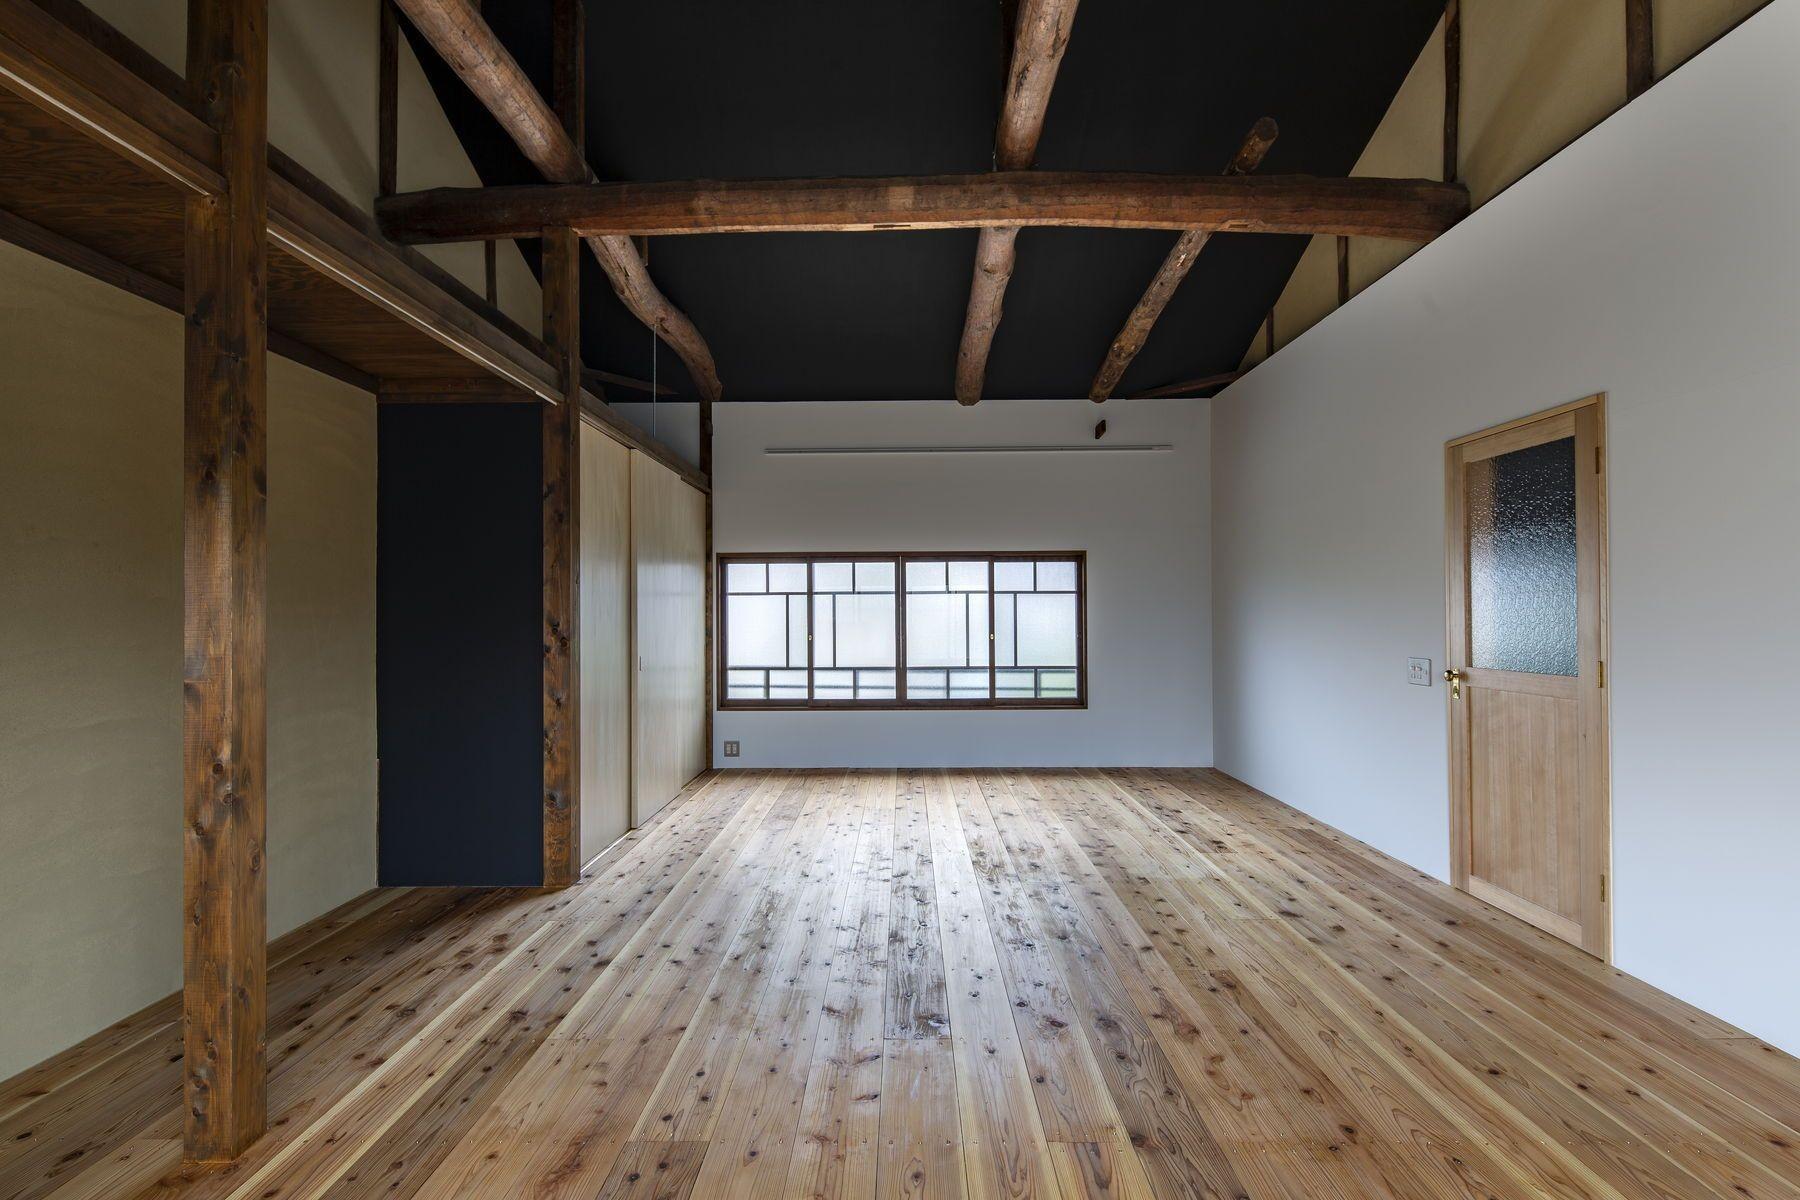 ベッドルーム事例:佐保路の家||奈良町家のリノベーション(佐保路の家|奈良町家のリノベーション【奈良市】)